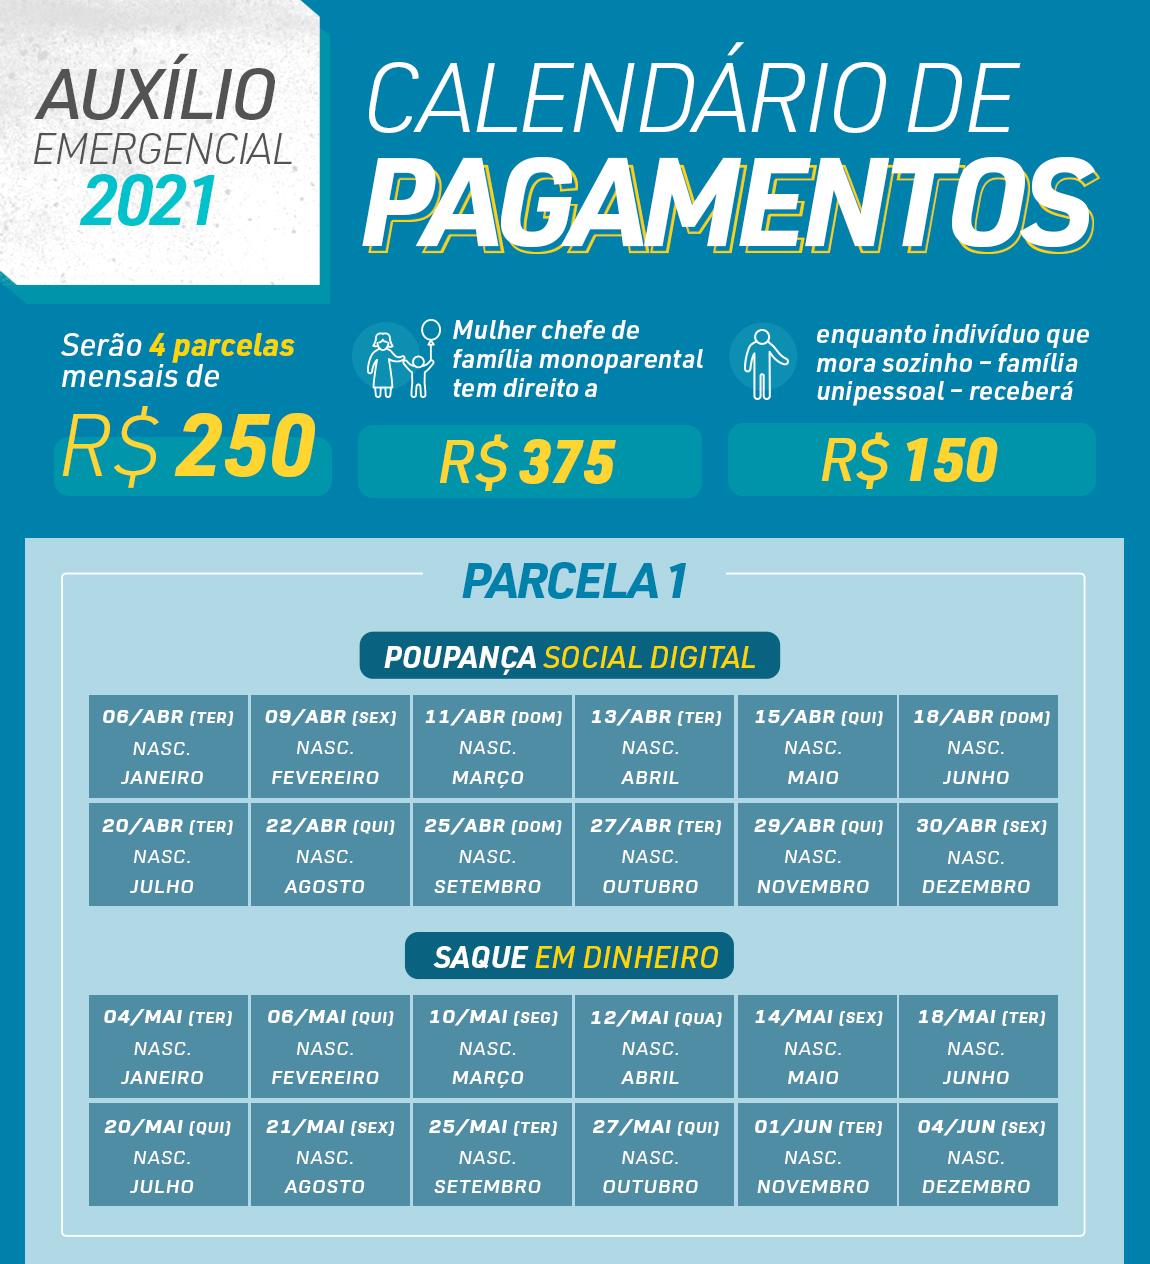 Dados sobre o auxílio emergencial de 2021 e datas de pagamento da primeira parcela. (Fonte: Agência Brasil / Reprodução)